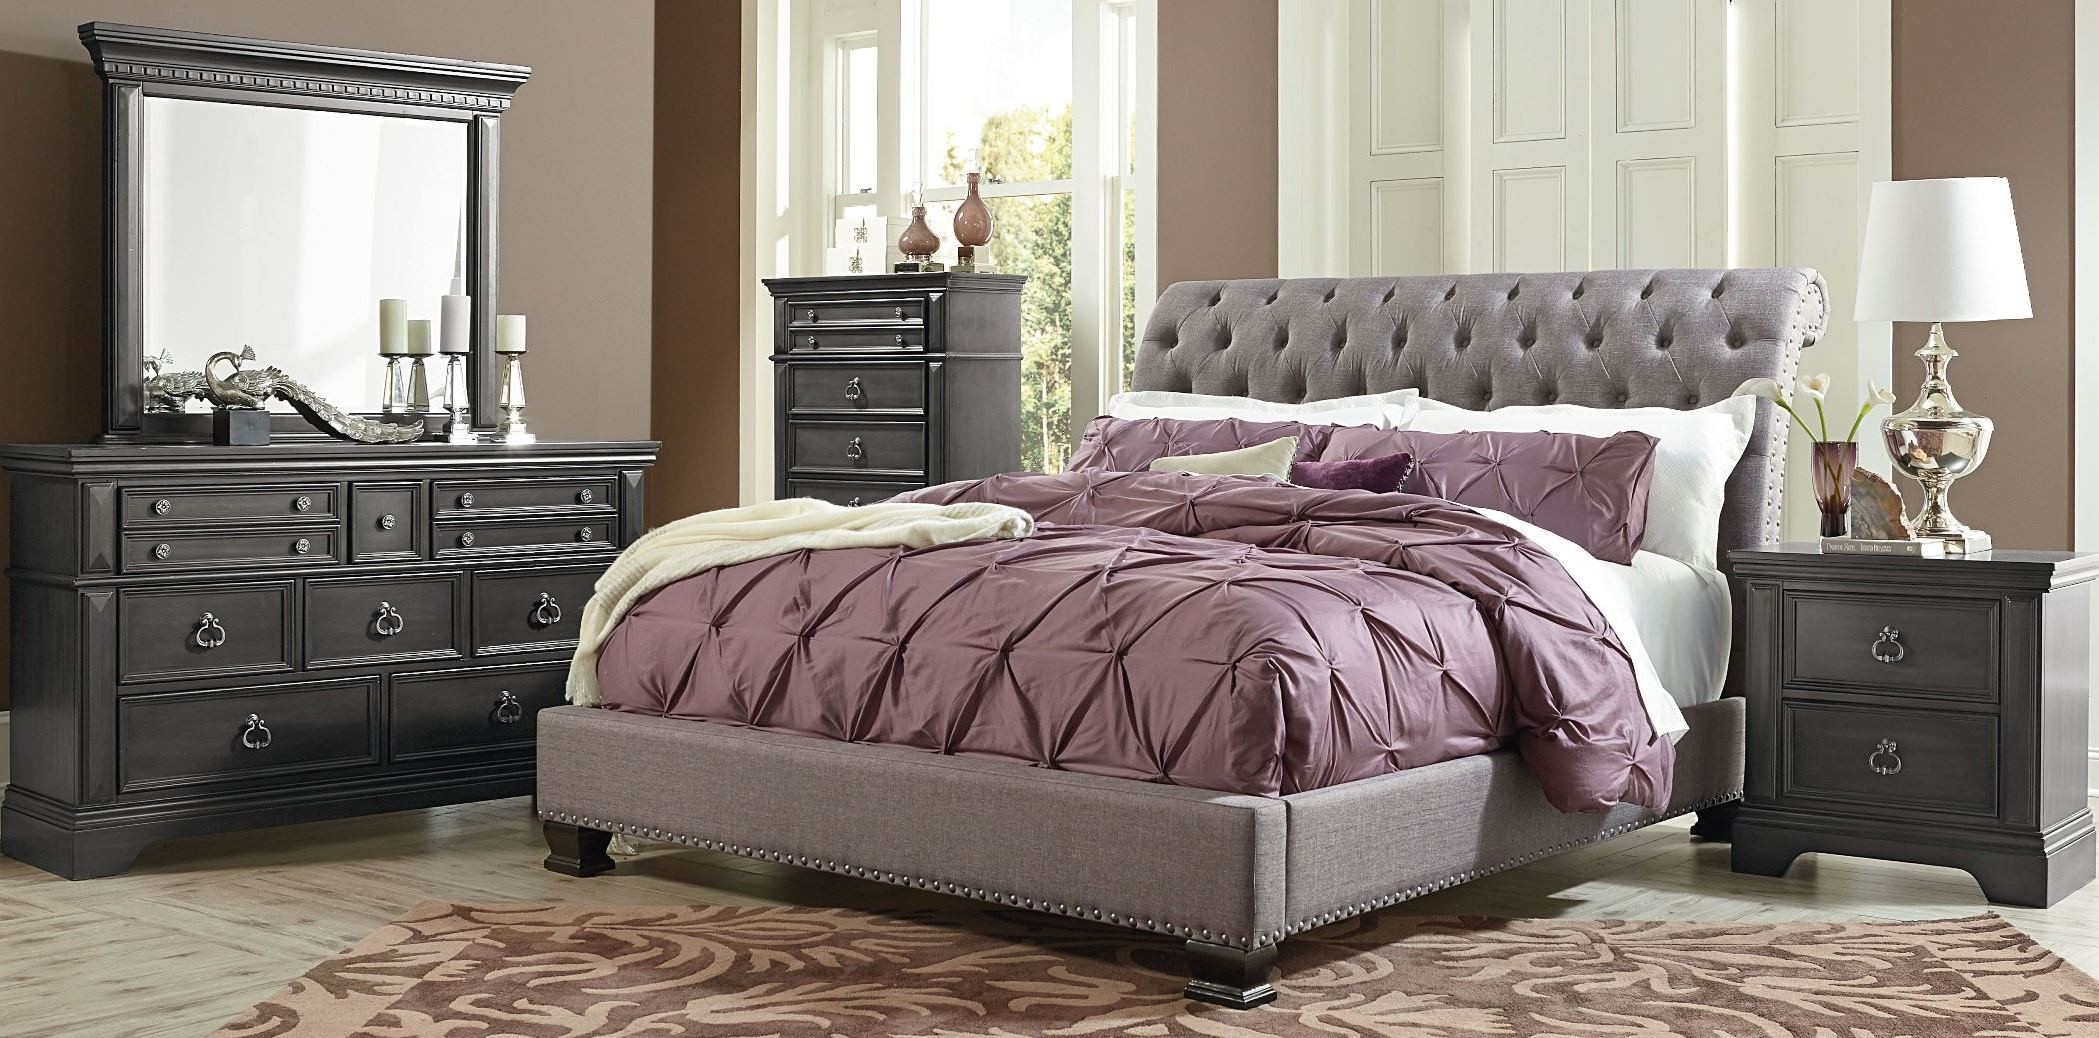 Garrison Soft Grey Upholstered Bedroom Set 863 51 52